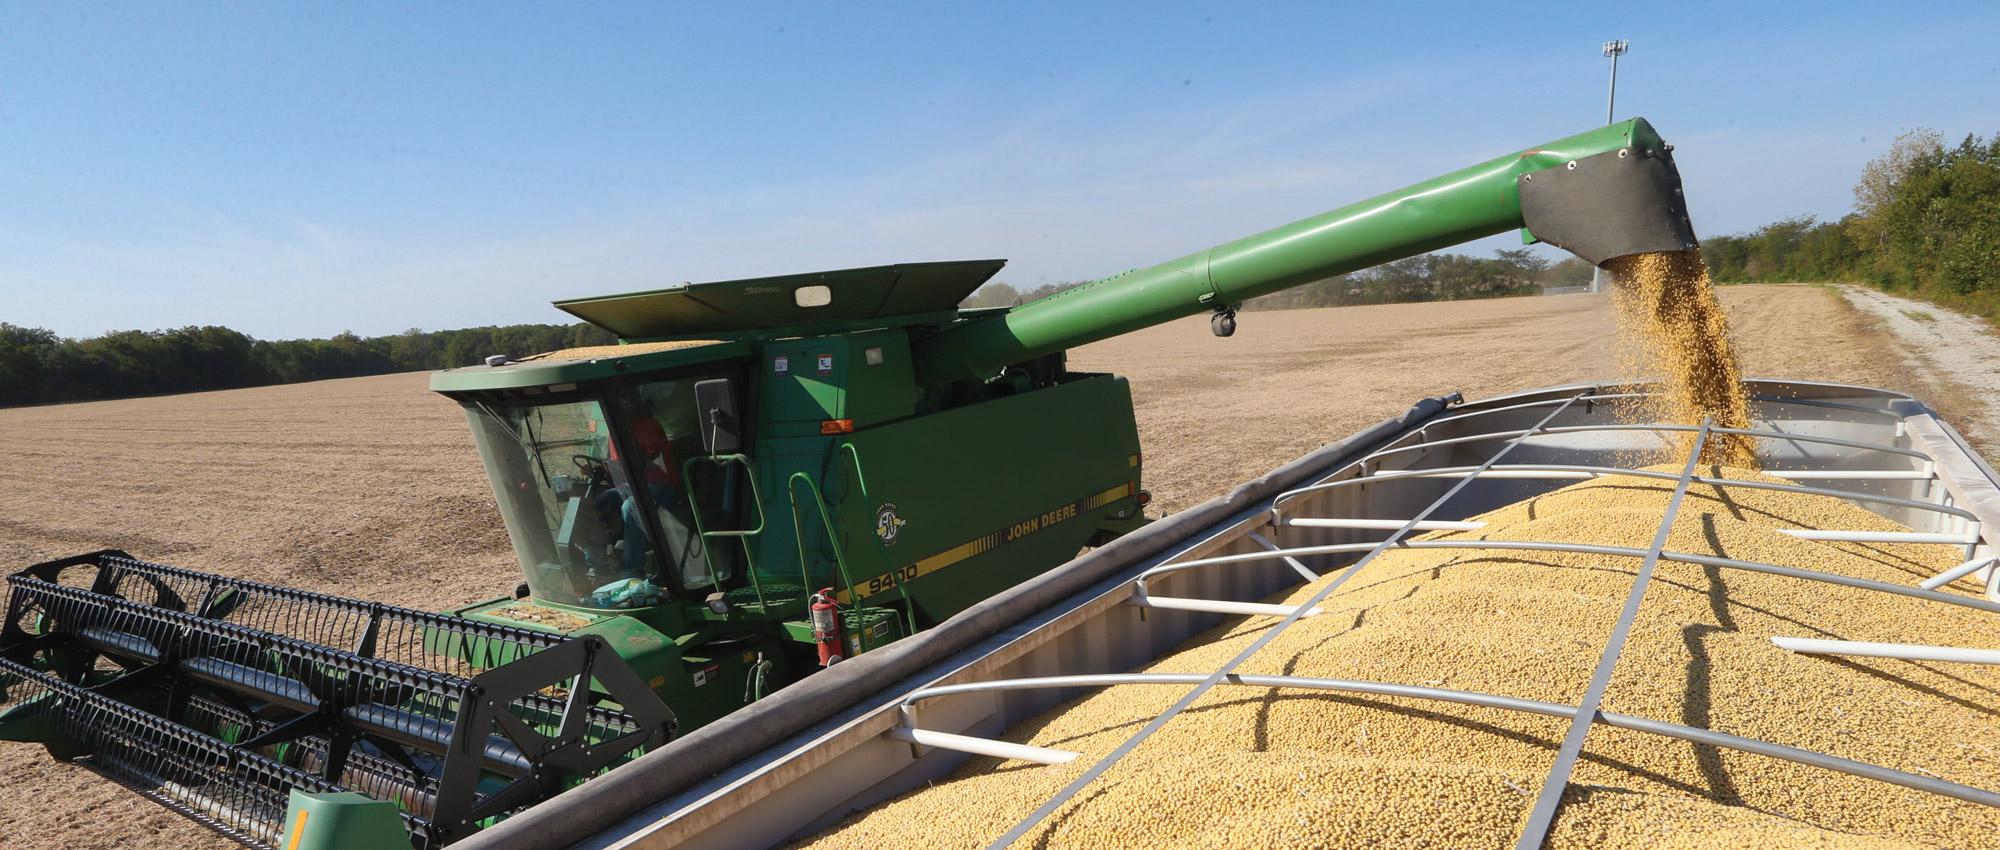 corn harvester in field